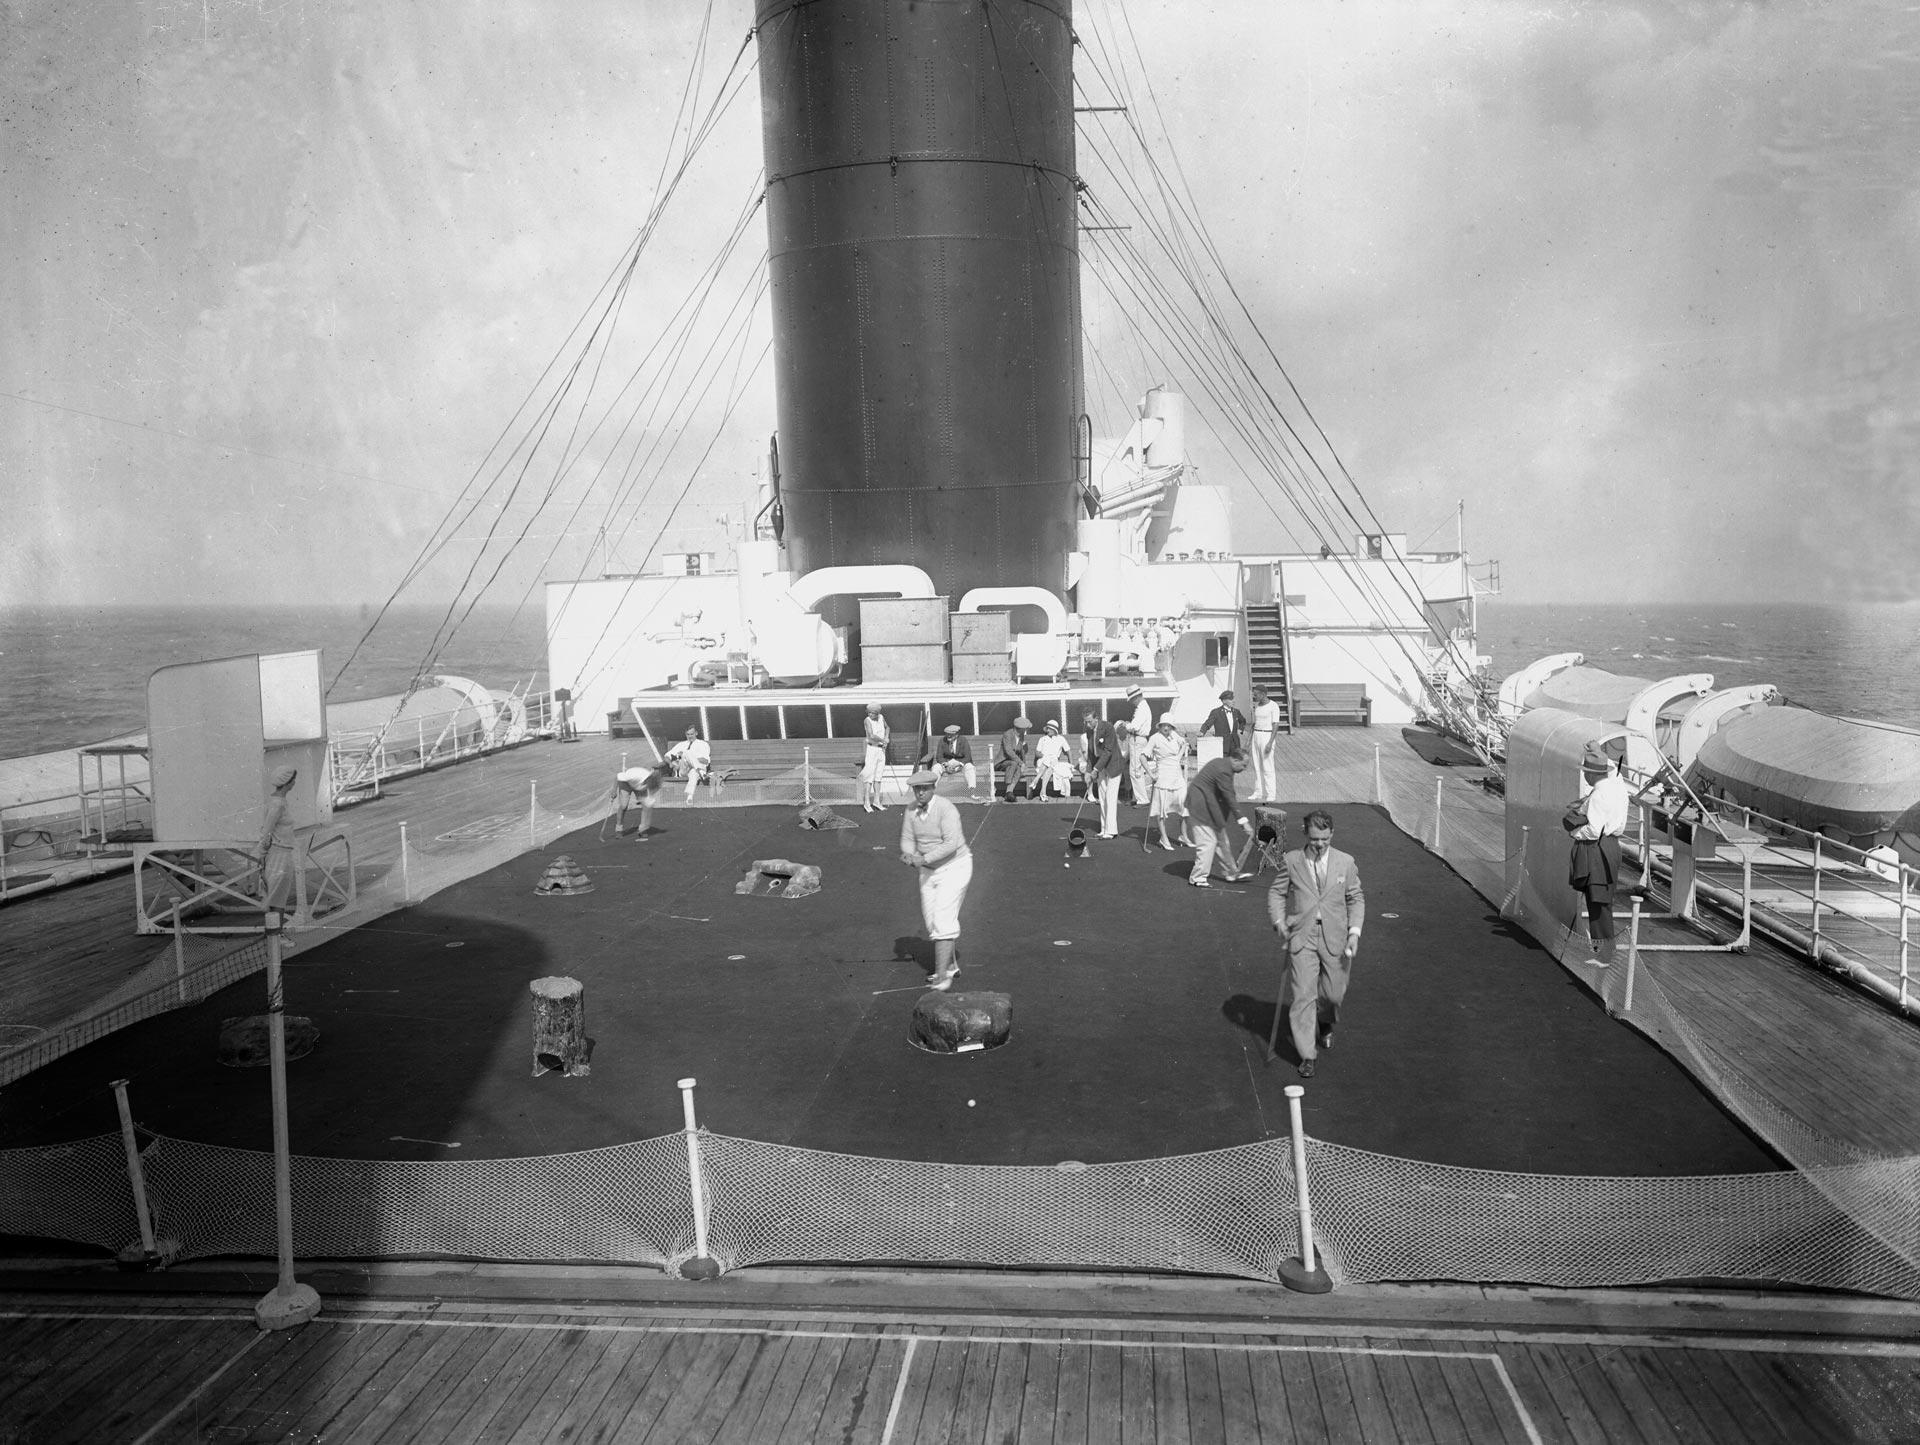 the transatlantic liner, Île-de-France